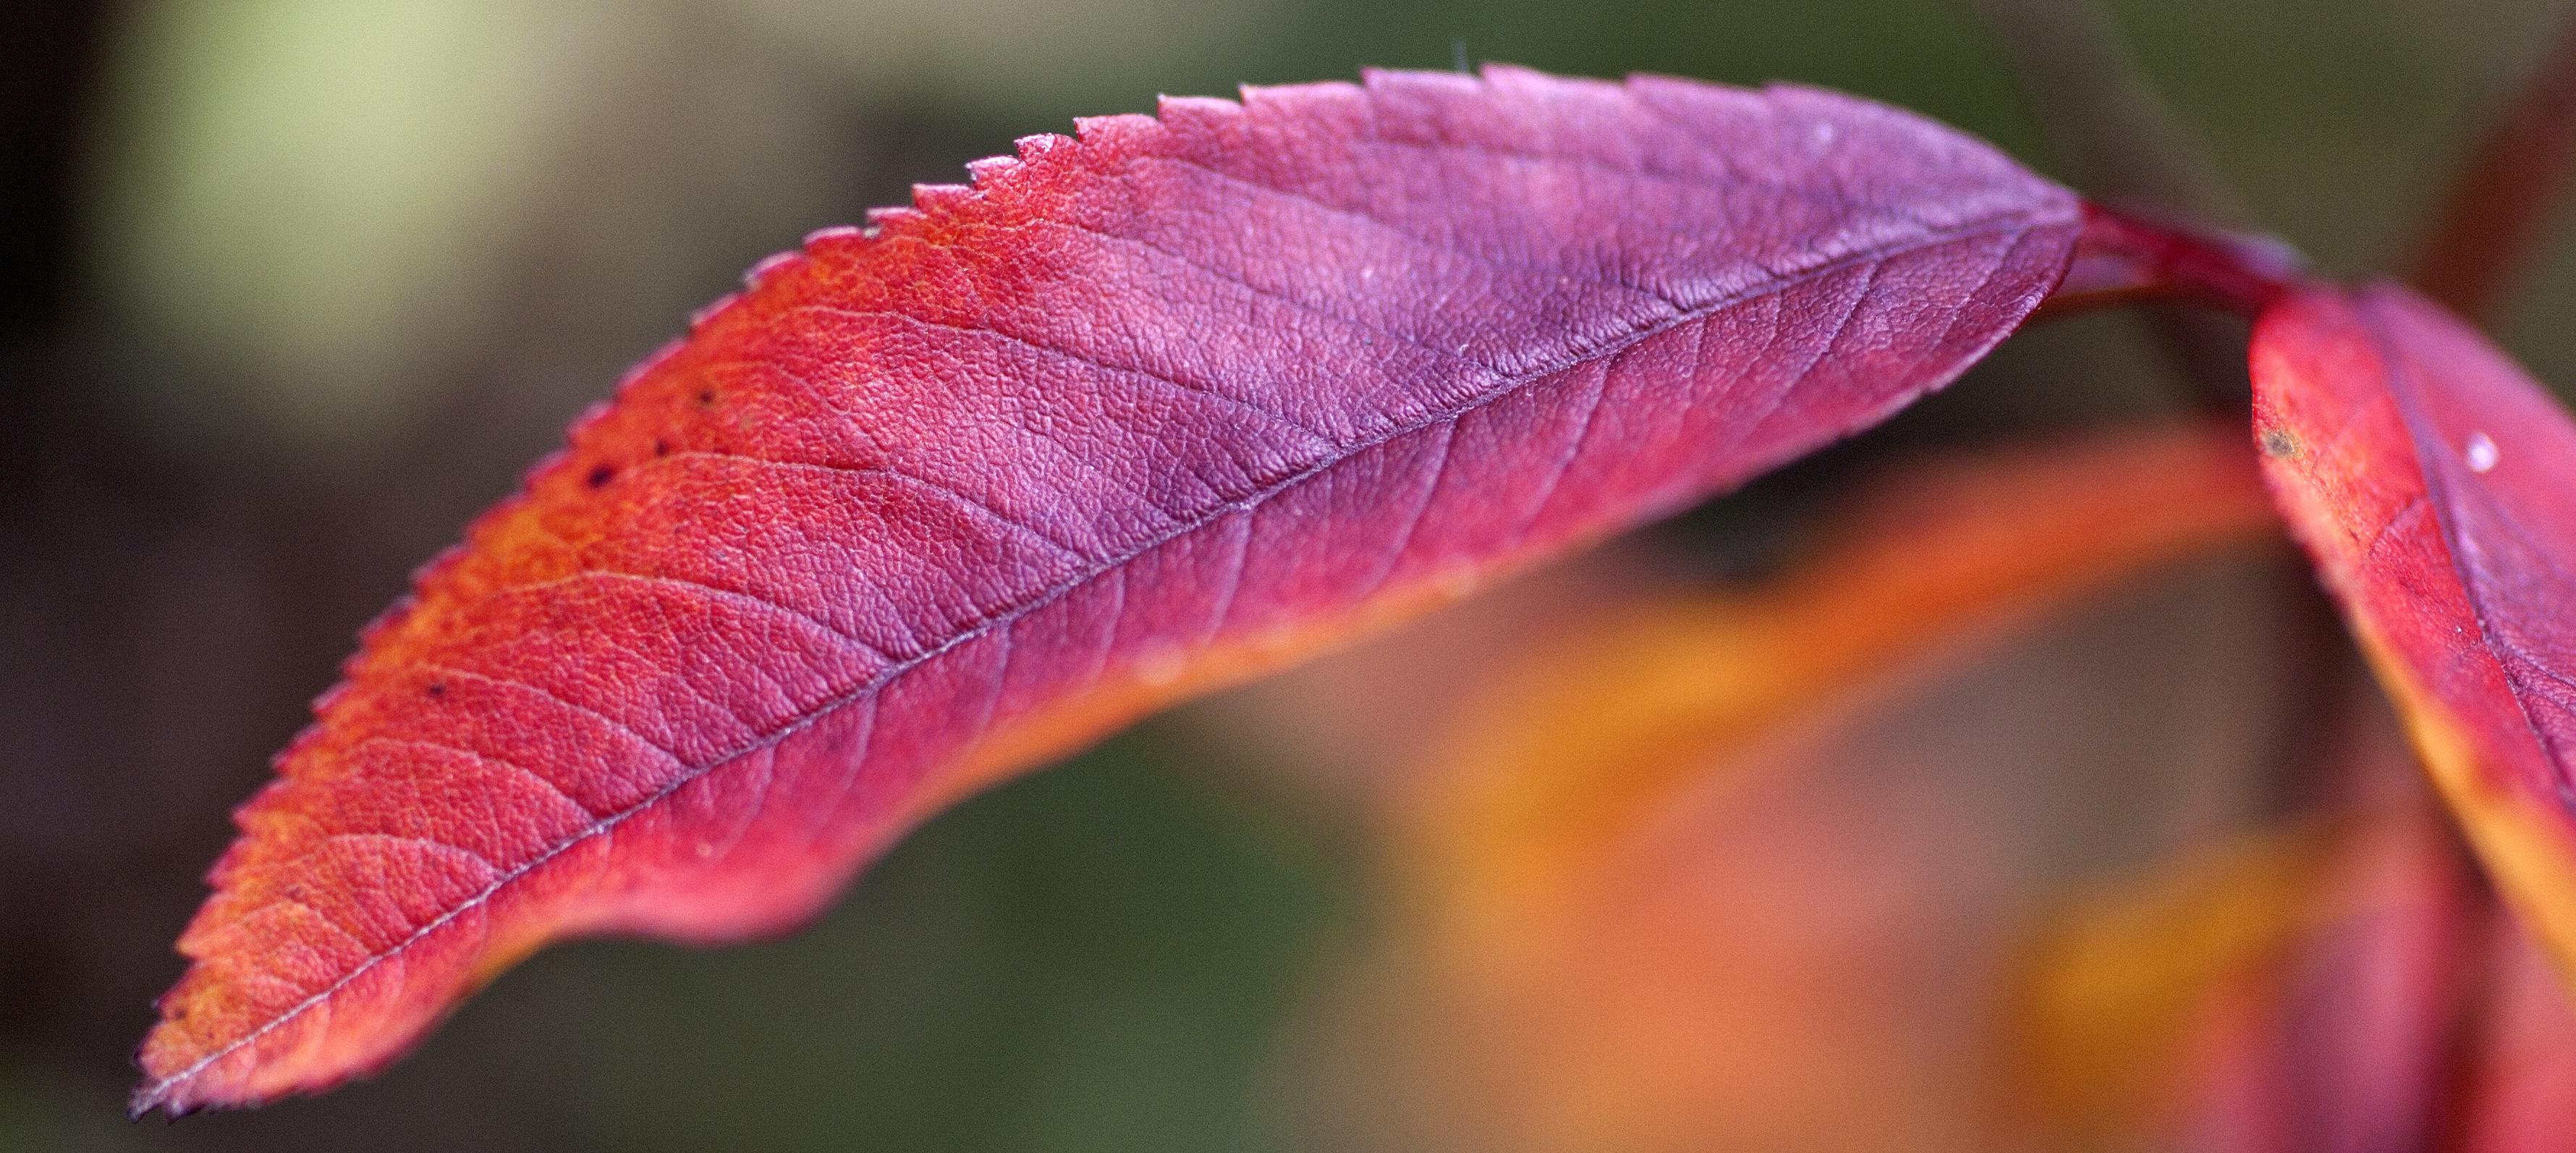 Simple red leaf